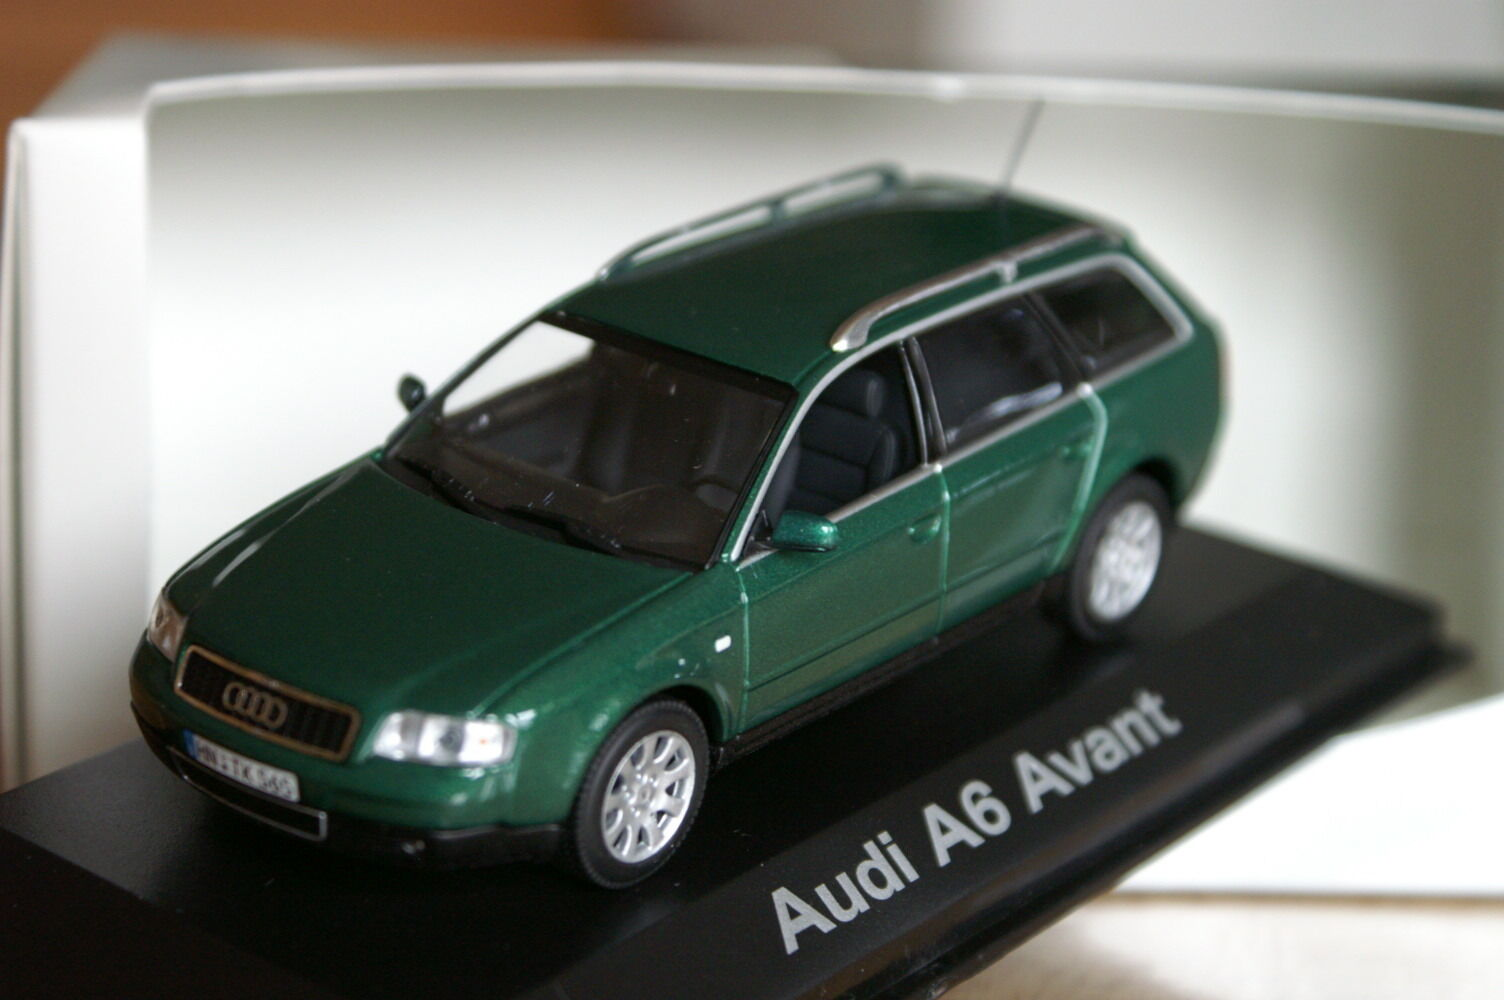 1 43I a6 avant c5 Facelift vert Racing Vert MINICHAMPS 2.0.5.3 TDI QUATTRO